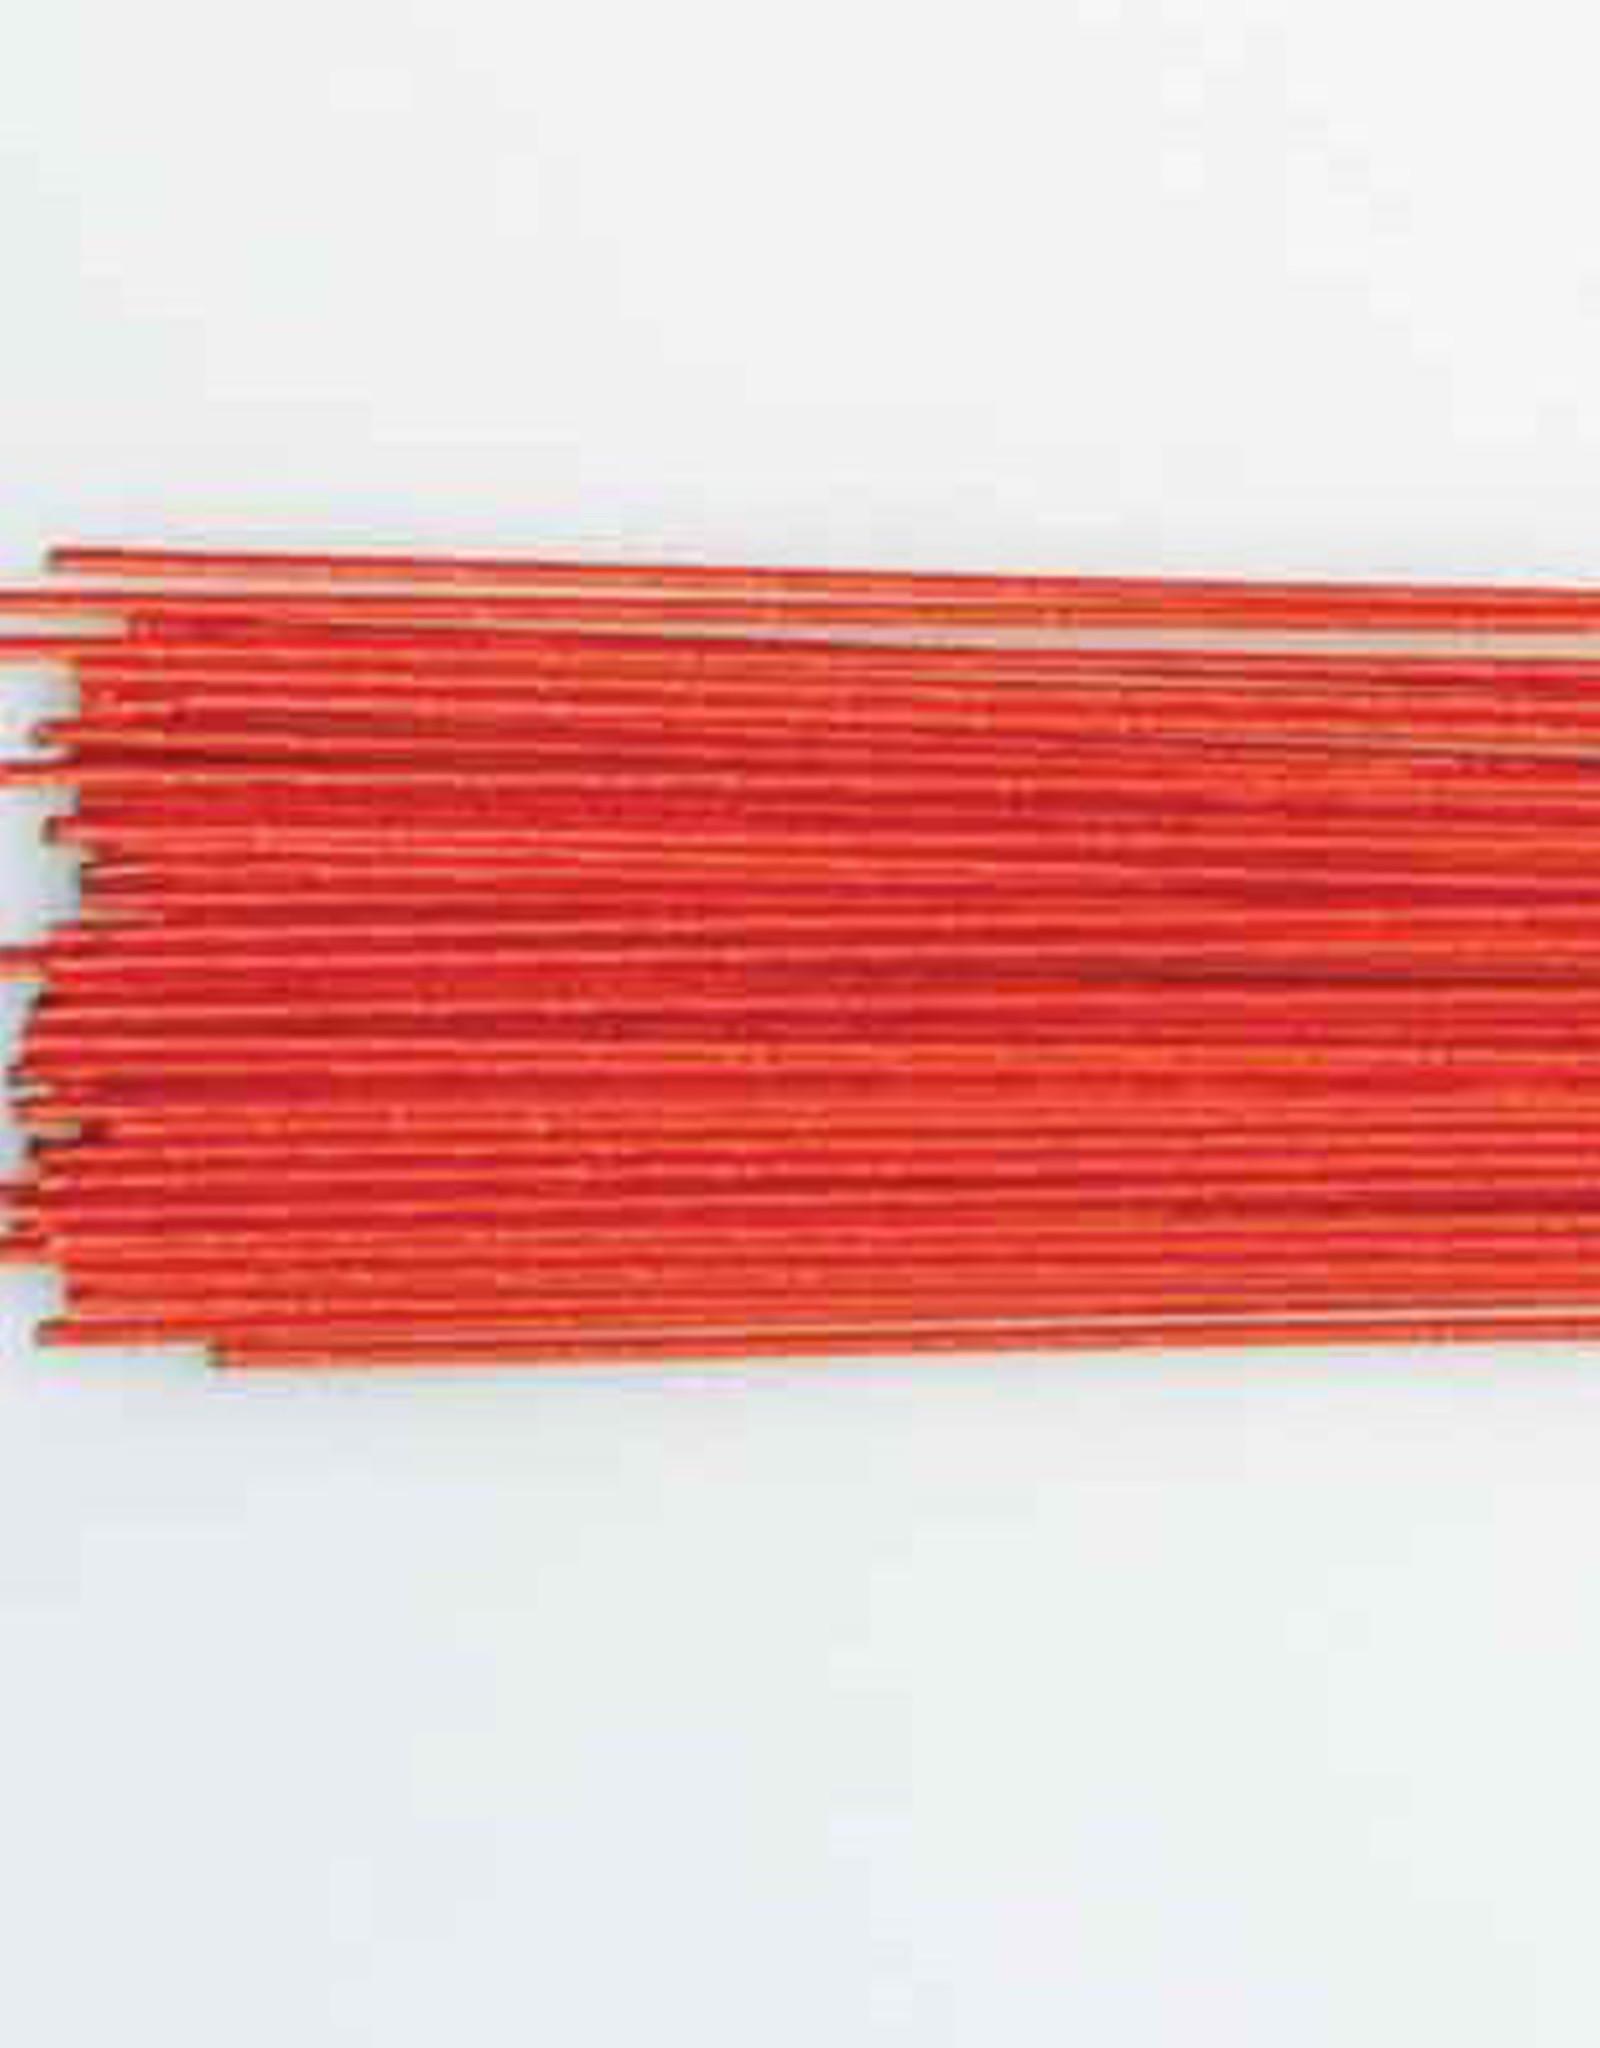 Culpitt Culpitt Floral Wire Metallic Red set/50 -24 gauge-